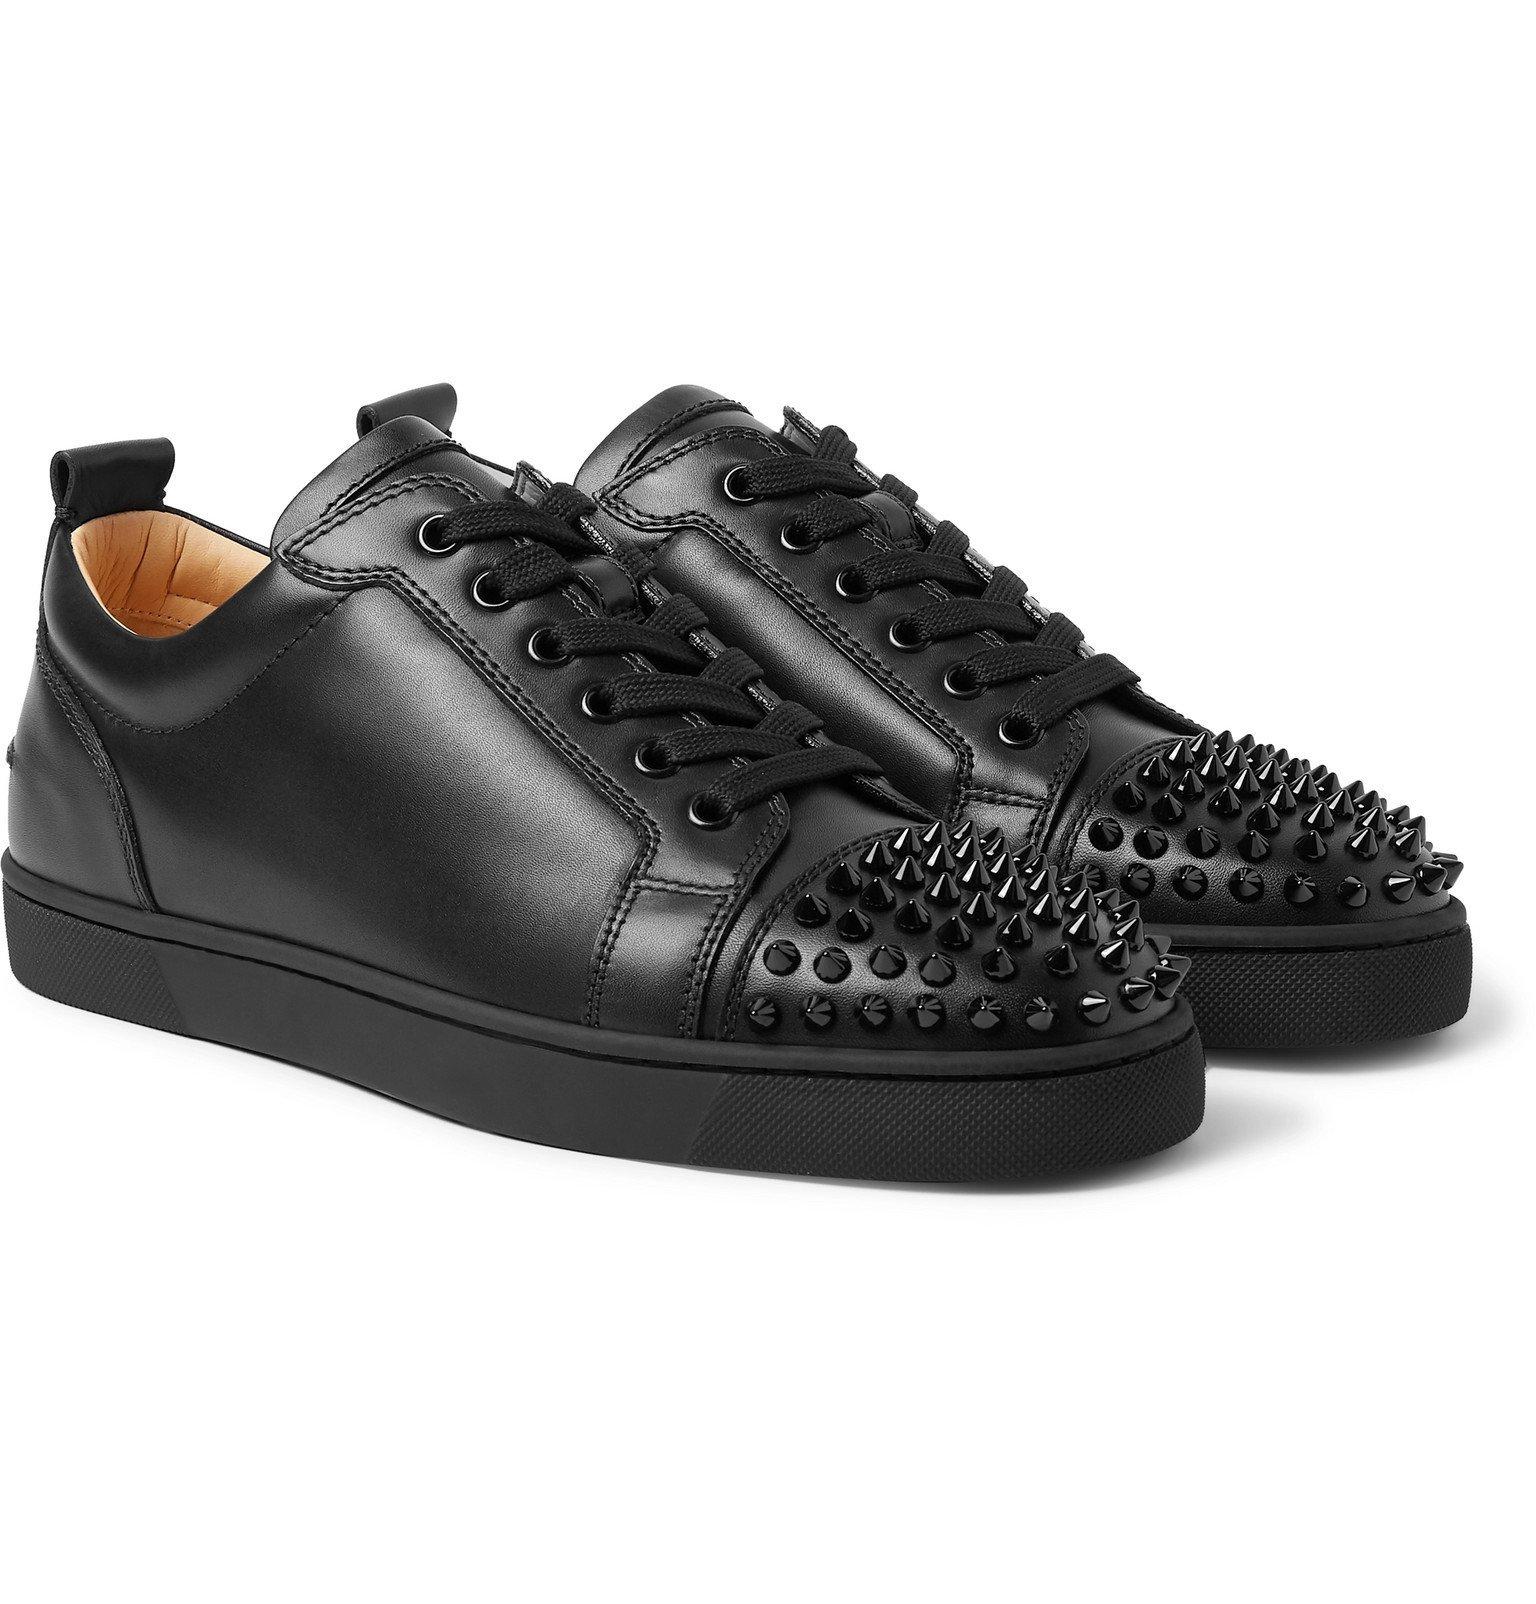 Louis Junior Spikes Cap-Toe Leather